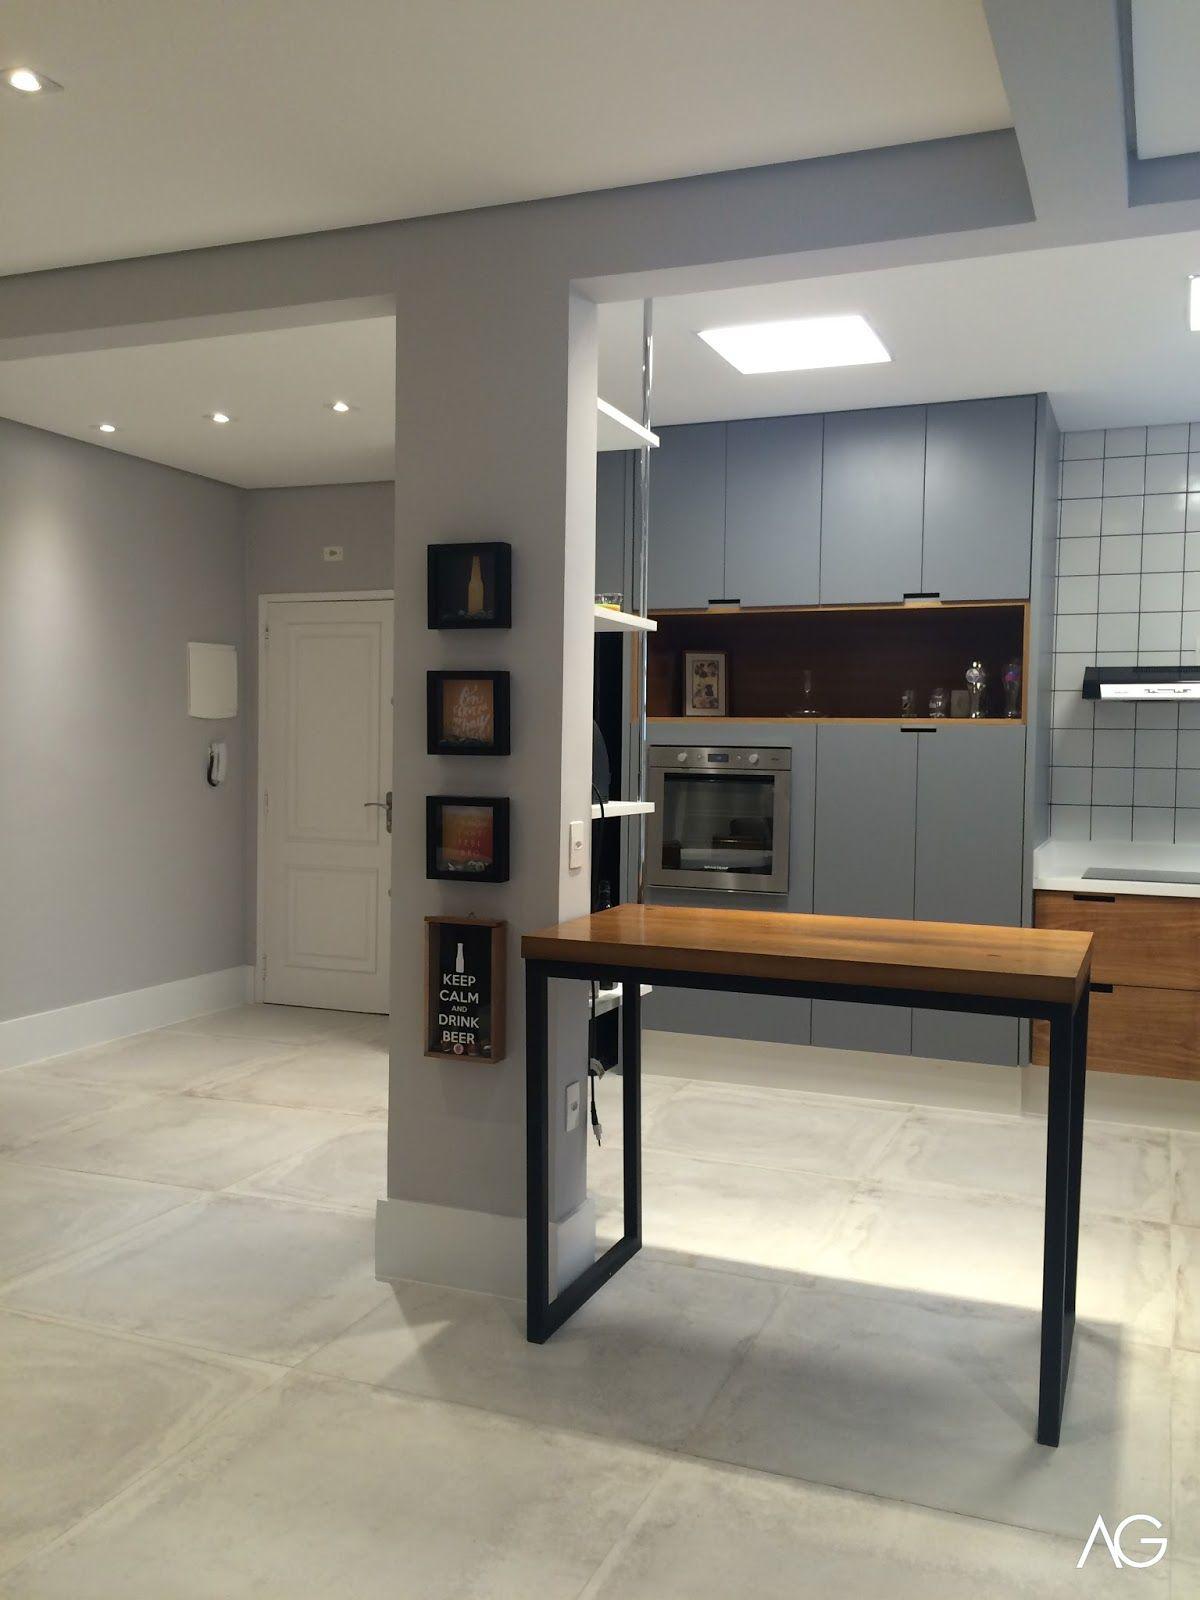 Ag Arquitetura E Interiores Cozinhas Modernas Balcao Cozinha